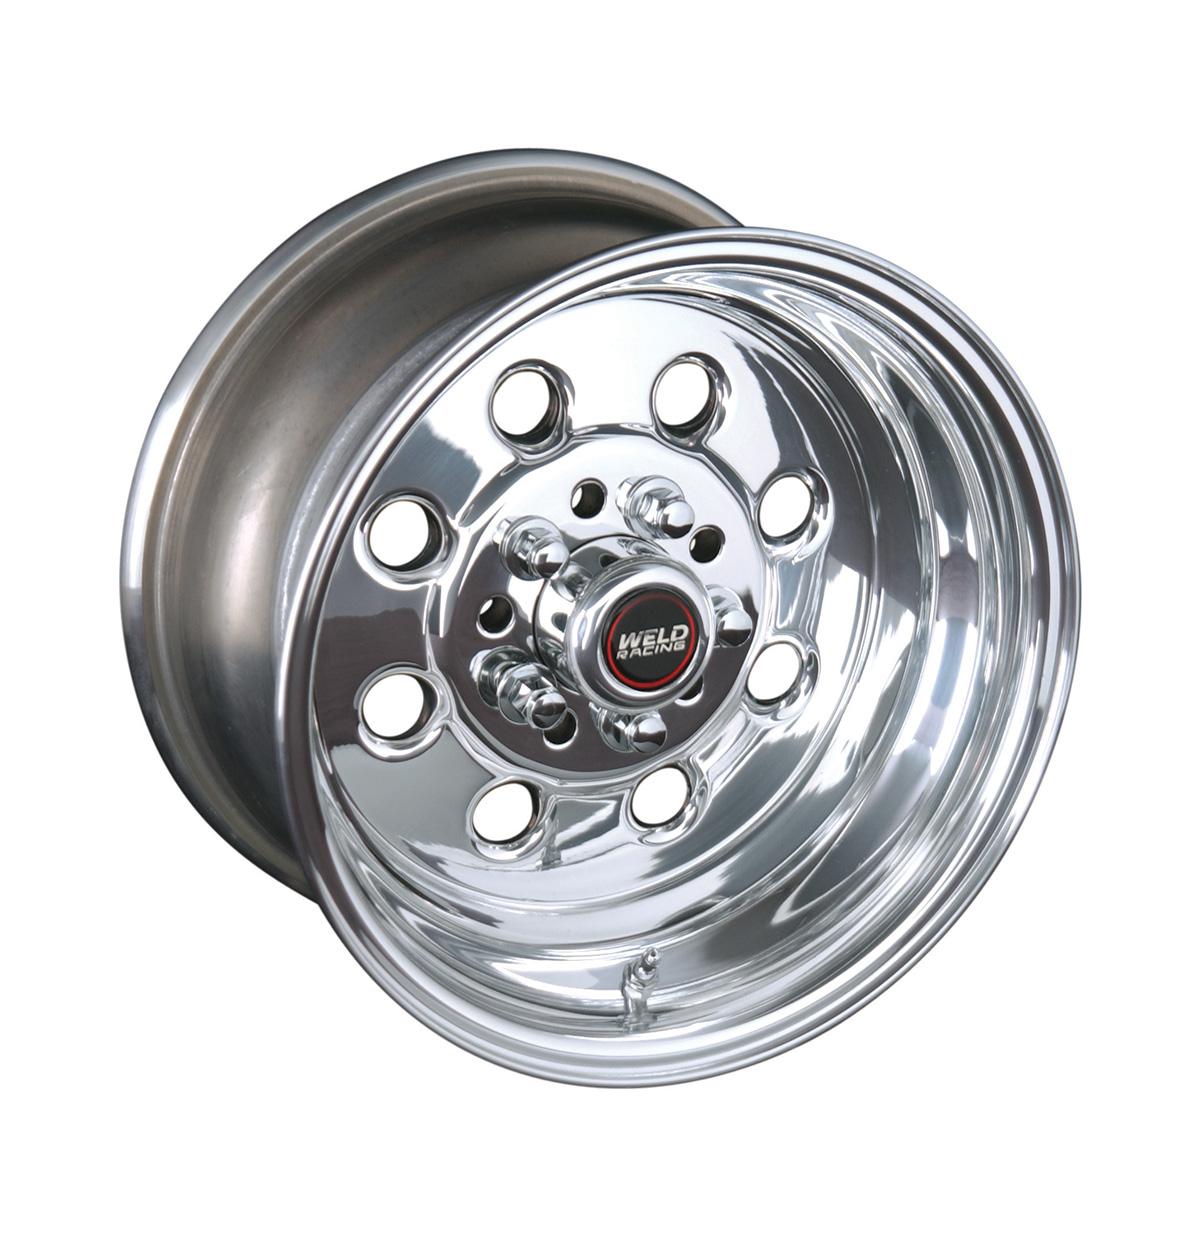 Weld Draglite Drag Racing Wheels Weld Wheels